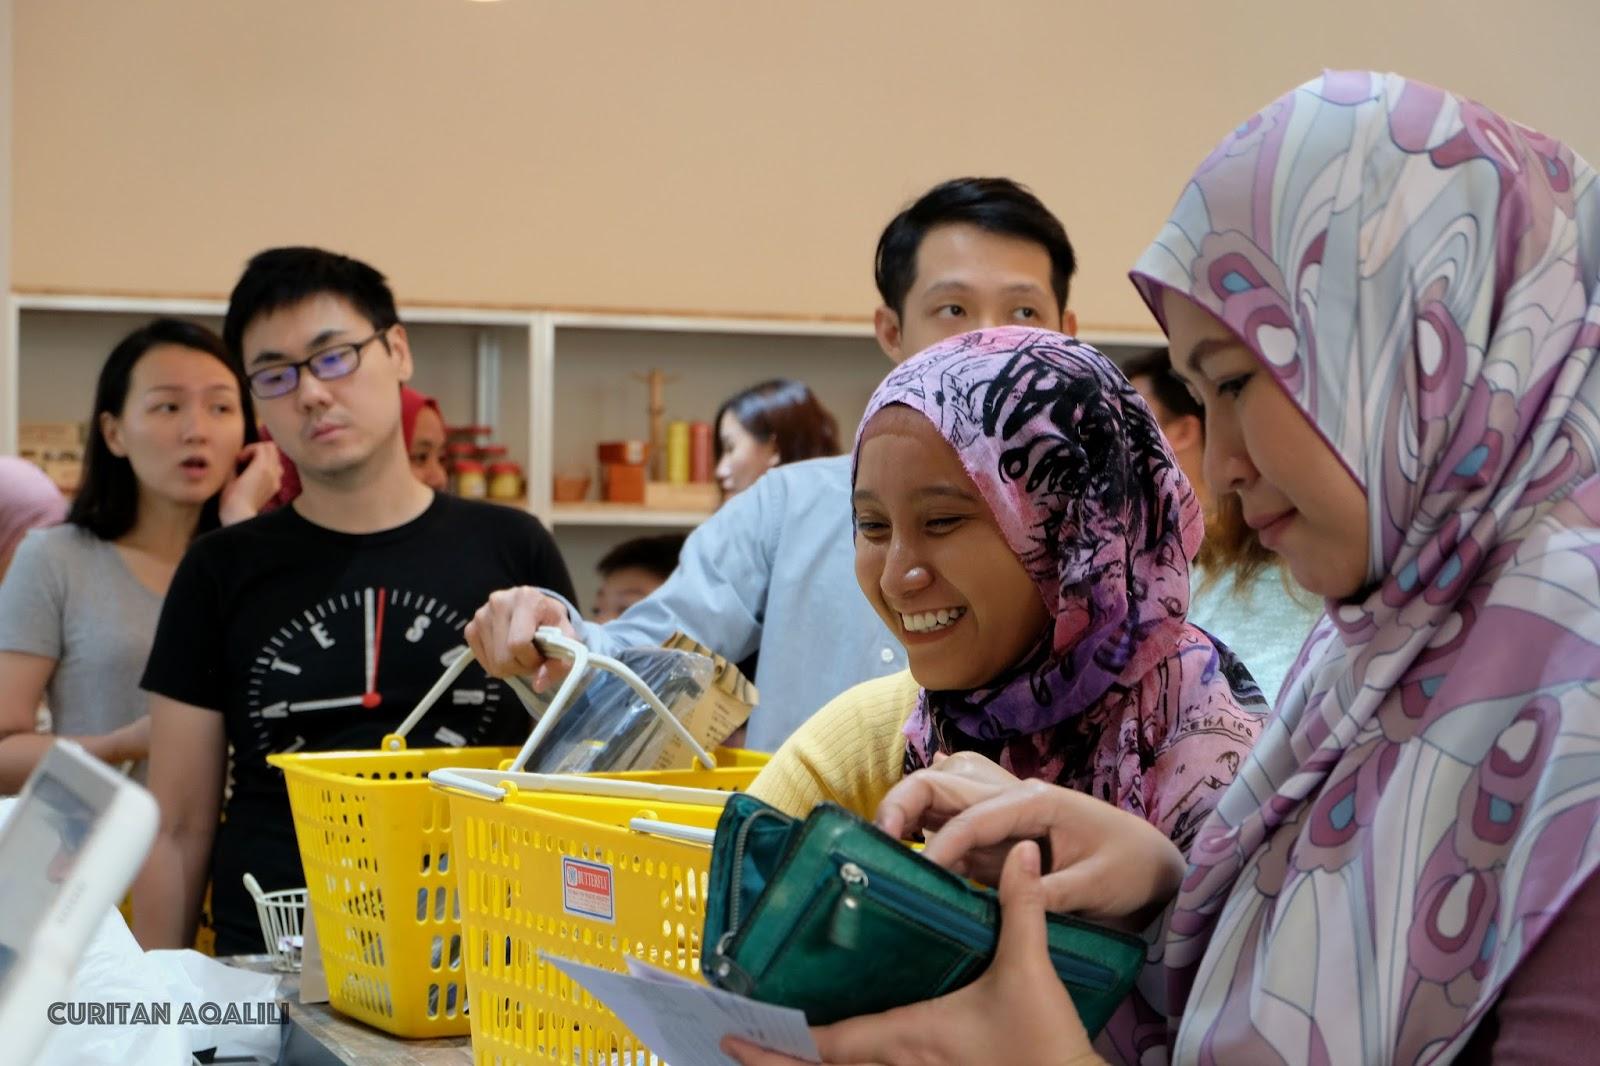 TOKUYA Malaysia Curitan Aqalili